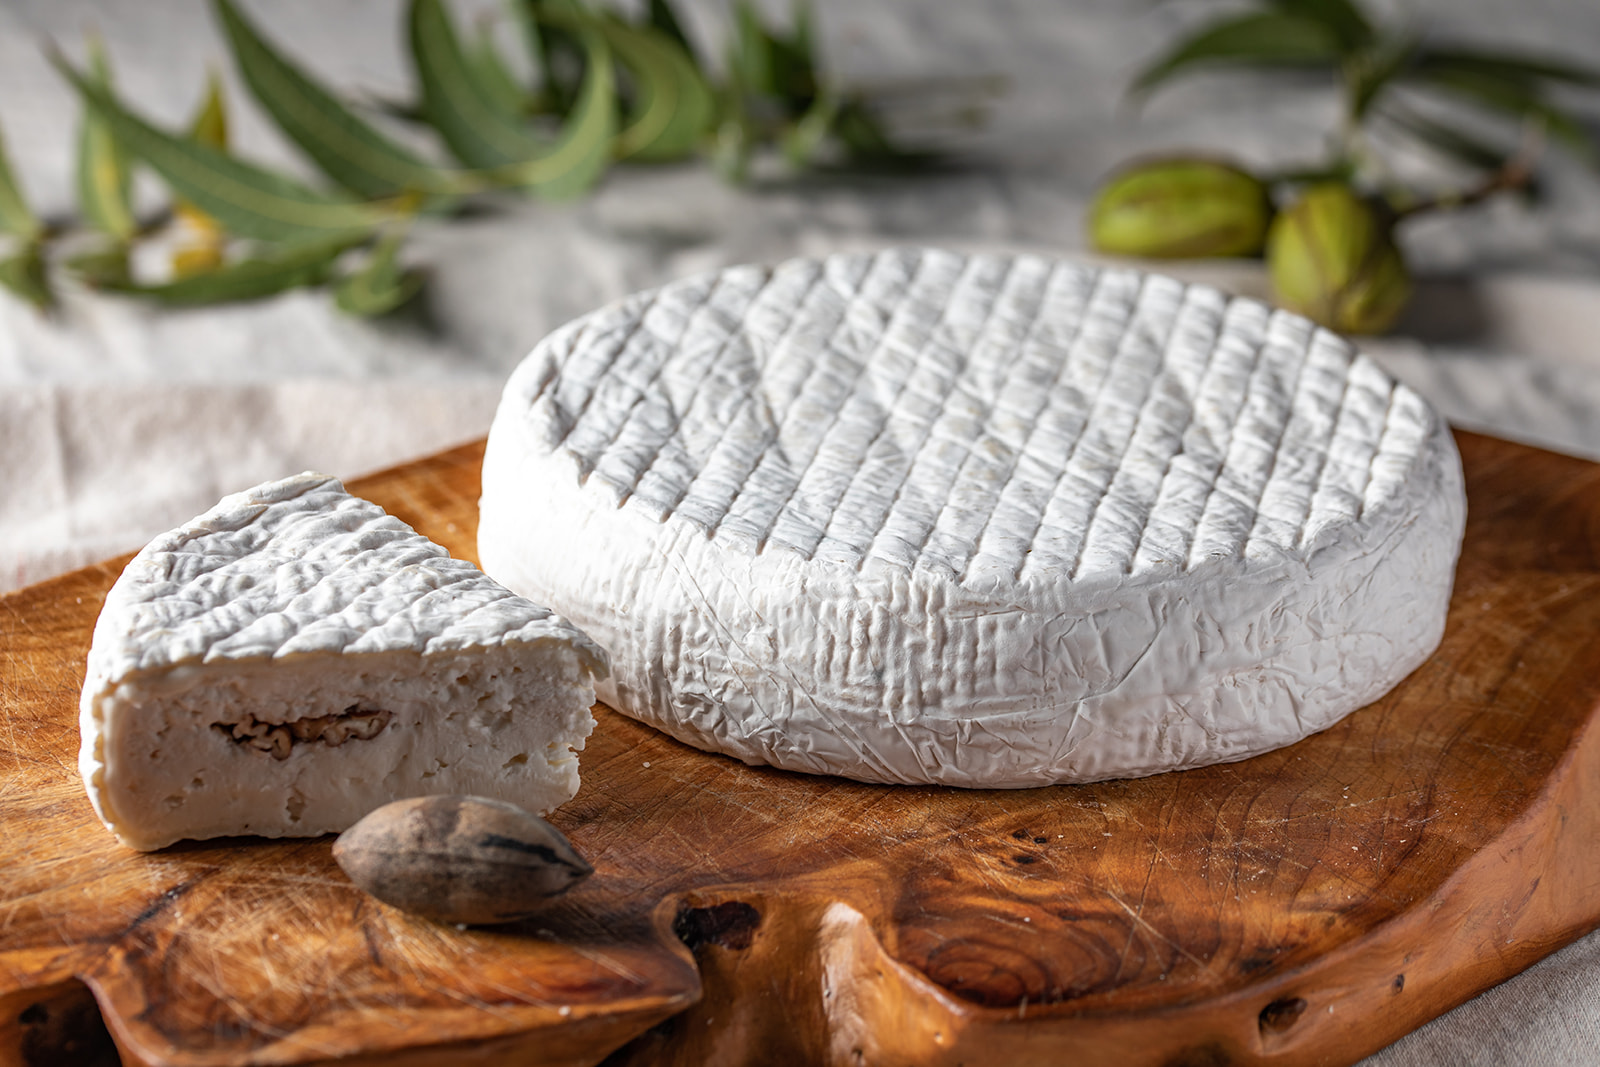 חריץ עדי פקאן - גבינת עיזים בסגנון ברי בתוספת אגוזי פקאן